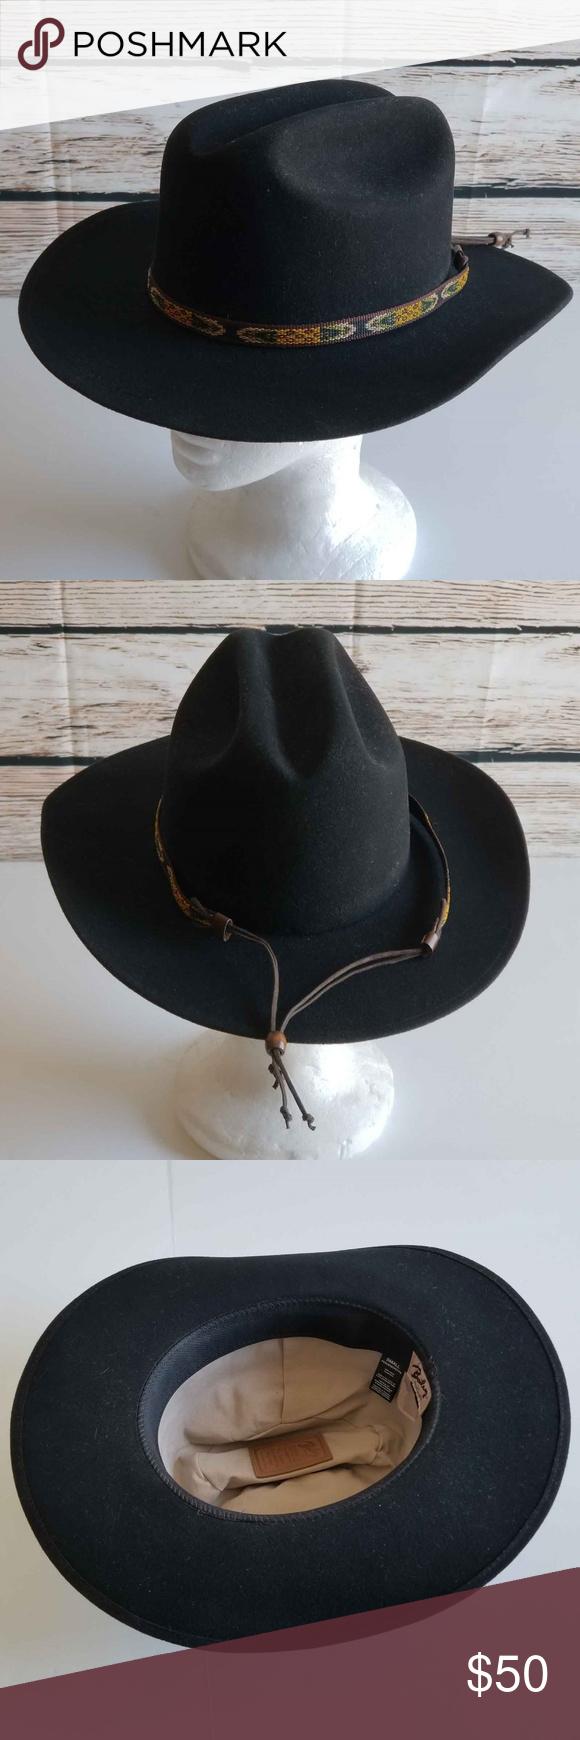 59c6359544477 Bailey Hopper Cattleman Poet Hat 100% Wool Felt Southwestern Size Small -  100% Wool